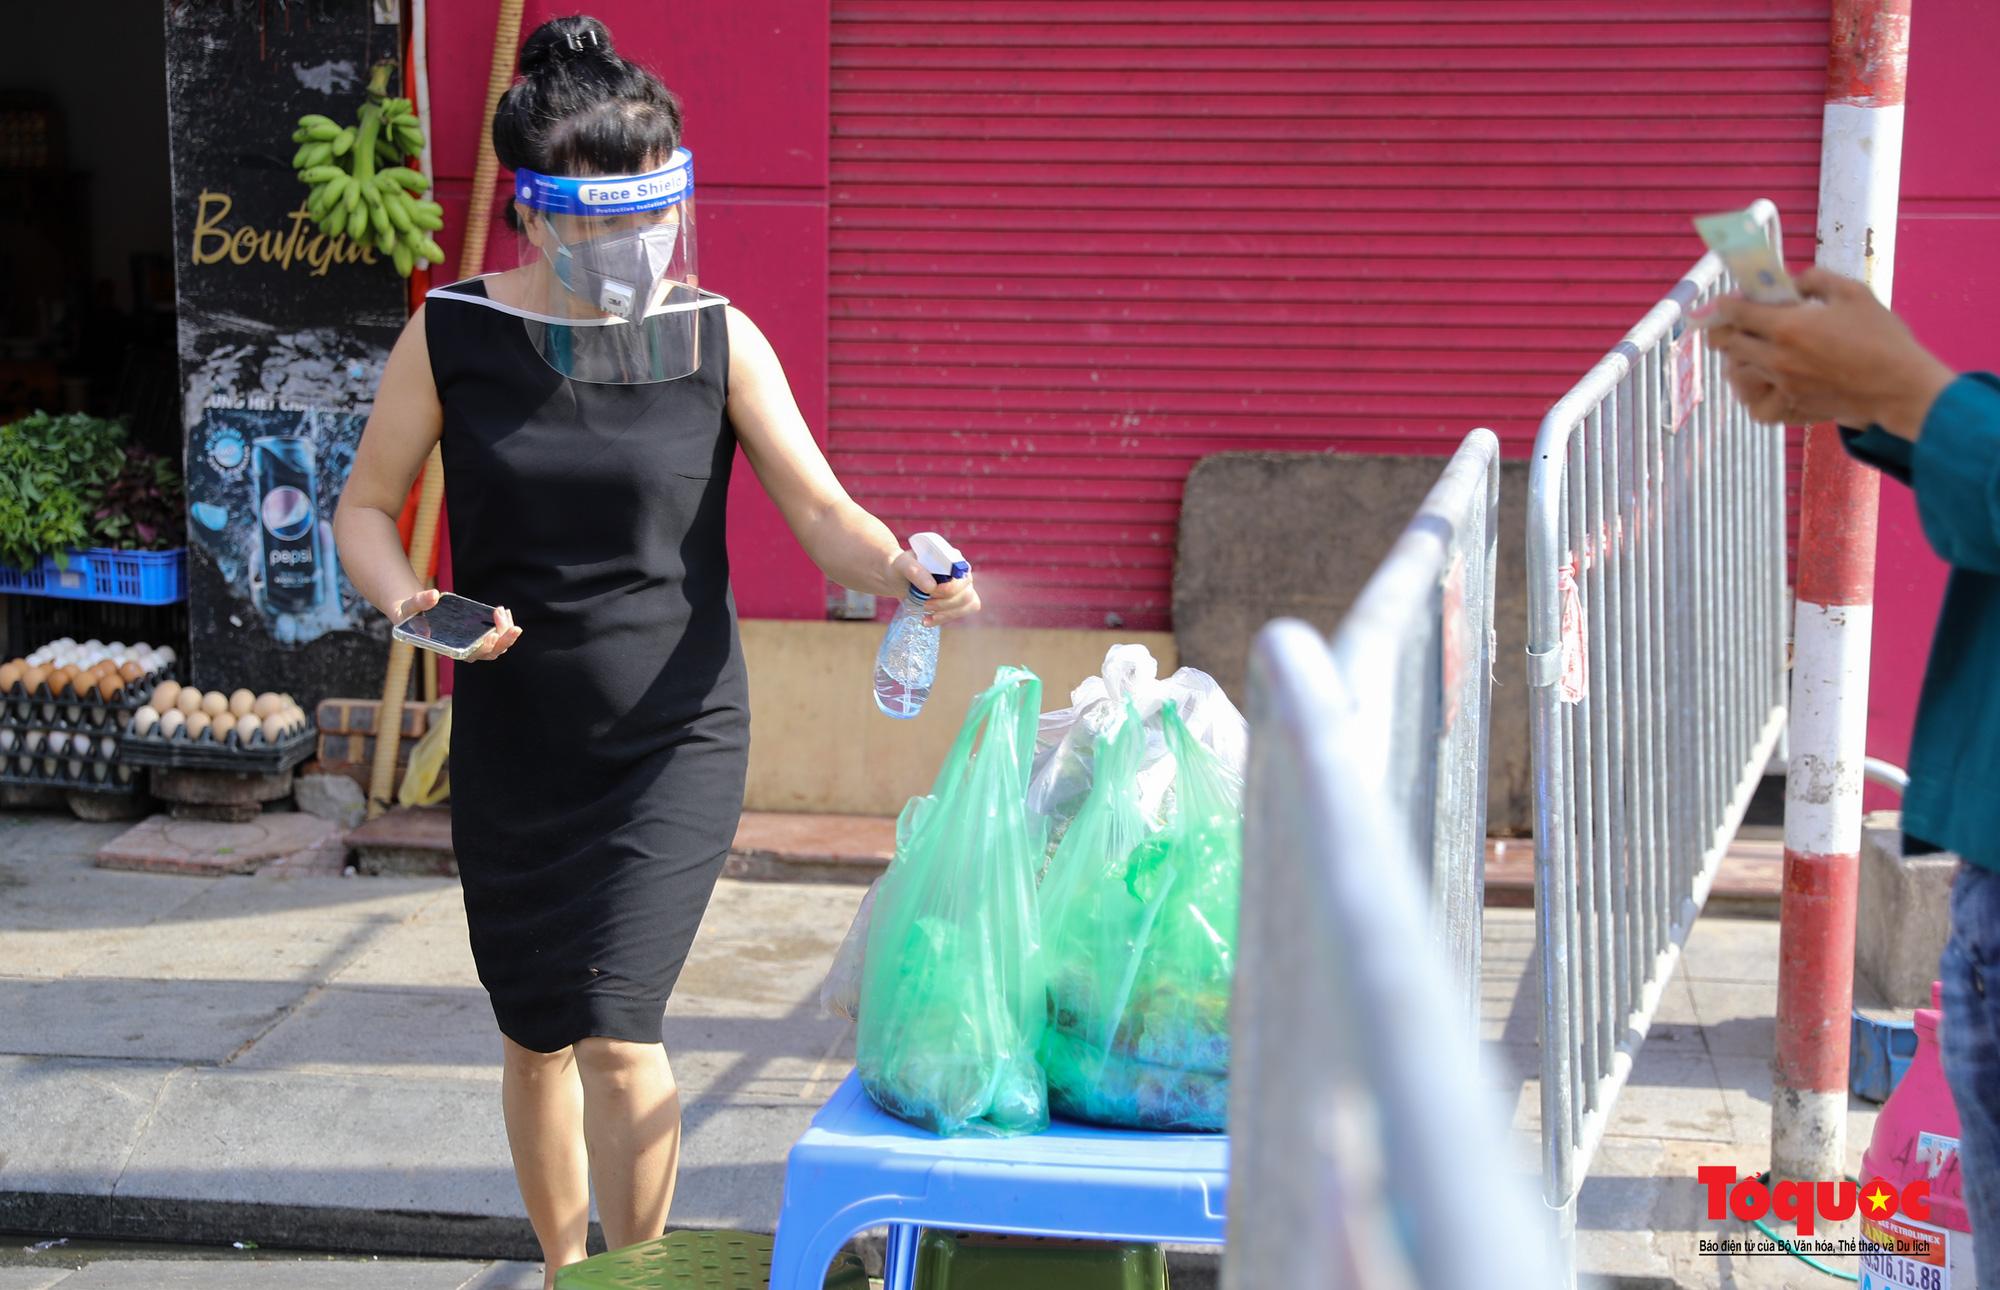 Hà Nội: Phong tỏa 2 phường Văn Miếu, Văn Chương, người dân xếp hàng tiếp tế cho khu cách ly - Ảnh 12.